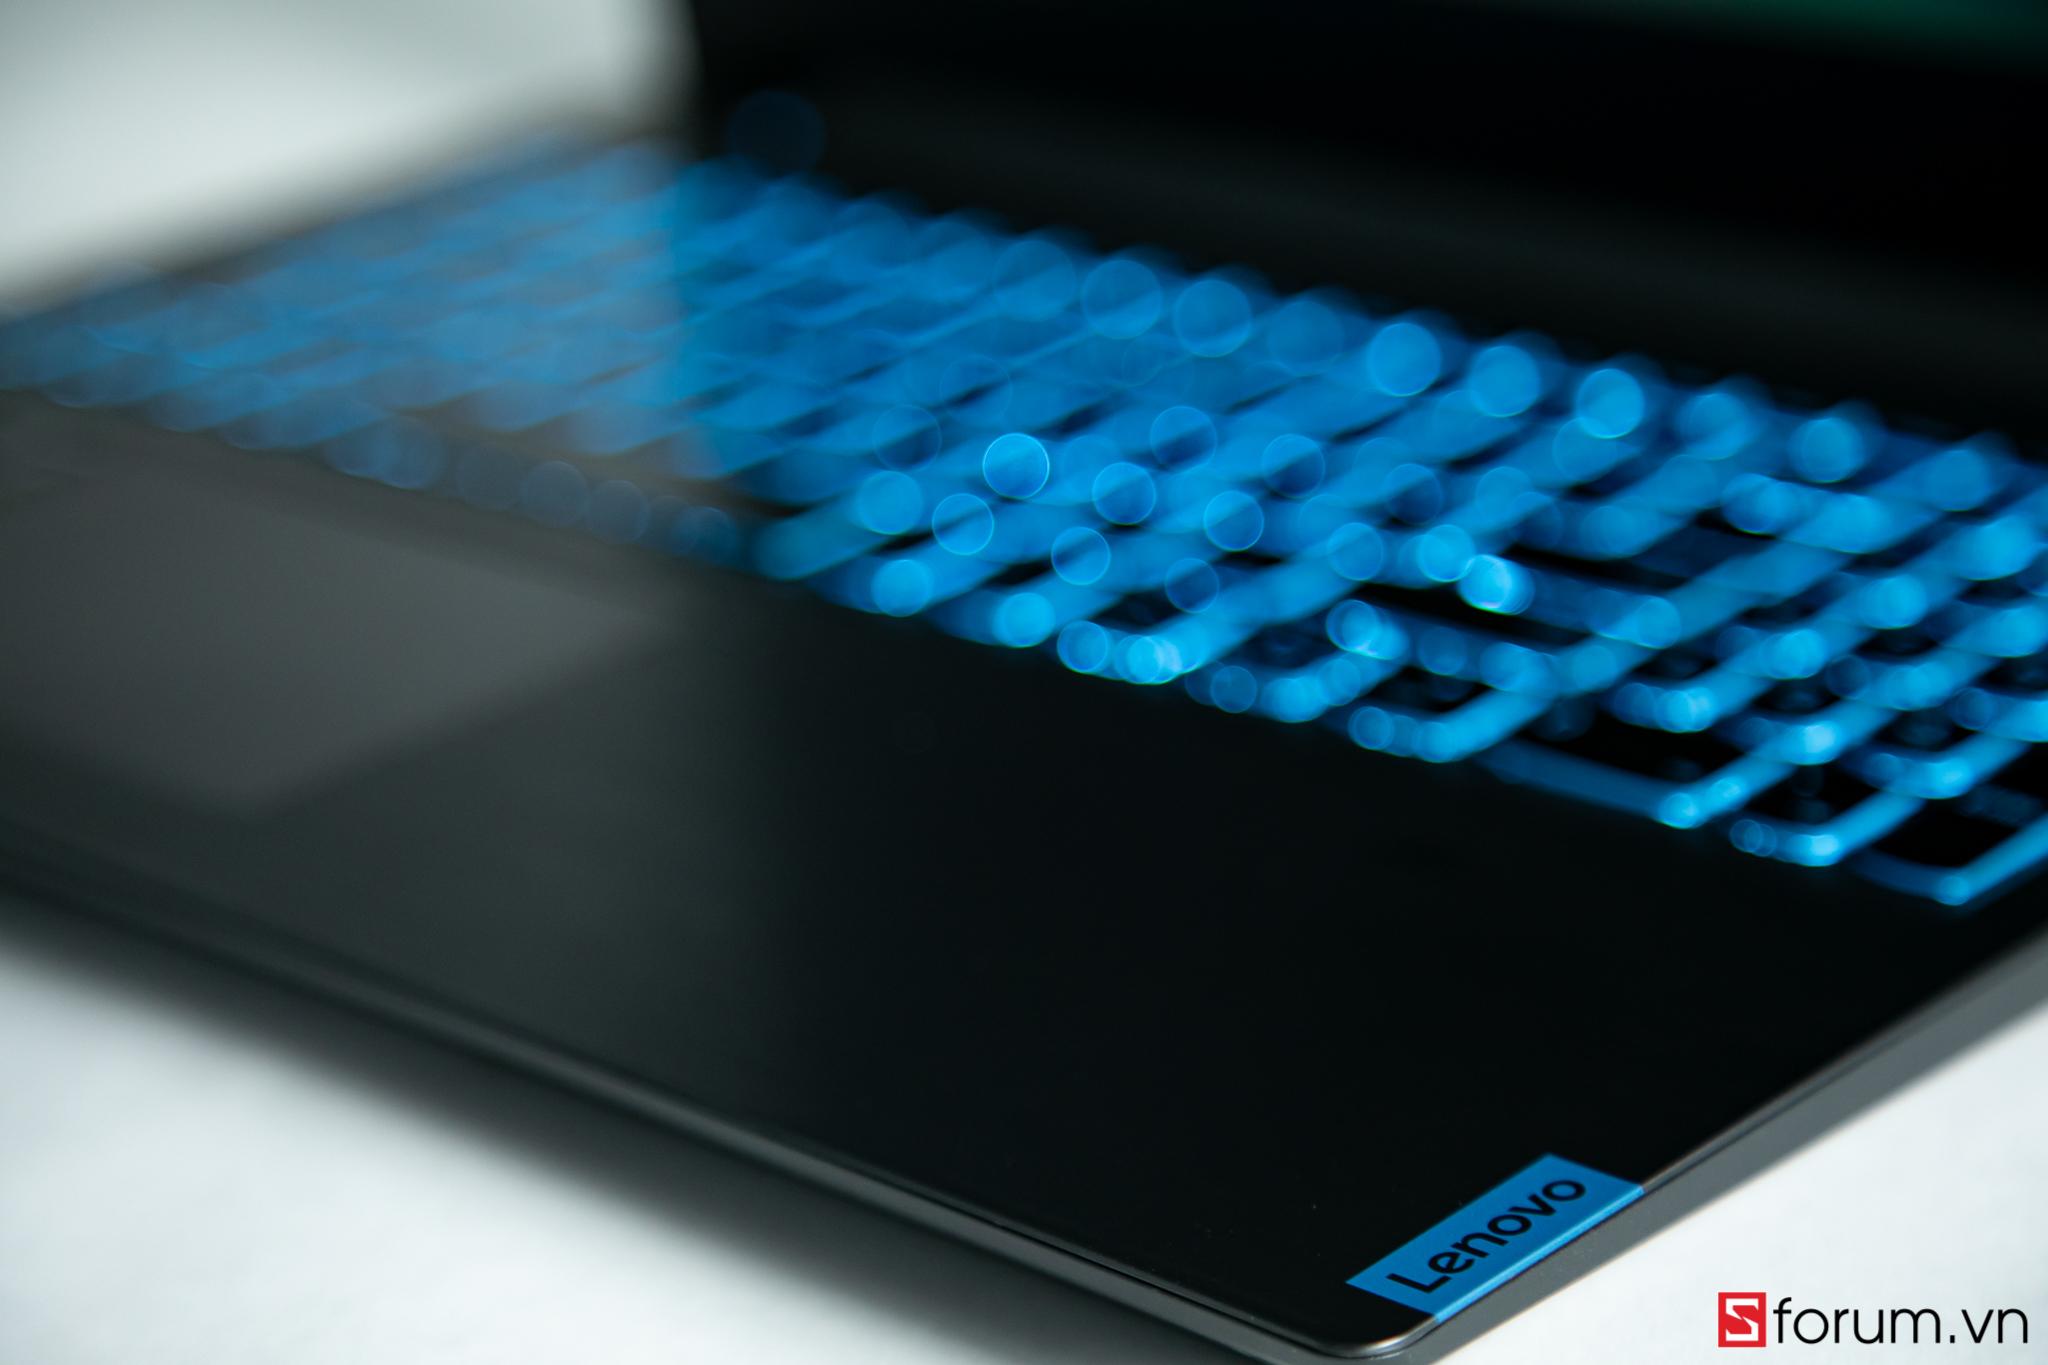 Sforum - Trang thông tin công nghệ mới nhất Lenovo-L340-5 Trên tay và trải nghiệm nhanh Lenovo L340-15IRH: laptop gaming hiệu năng cao, giá tầm trung